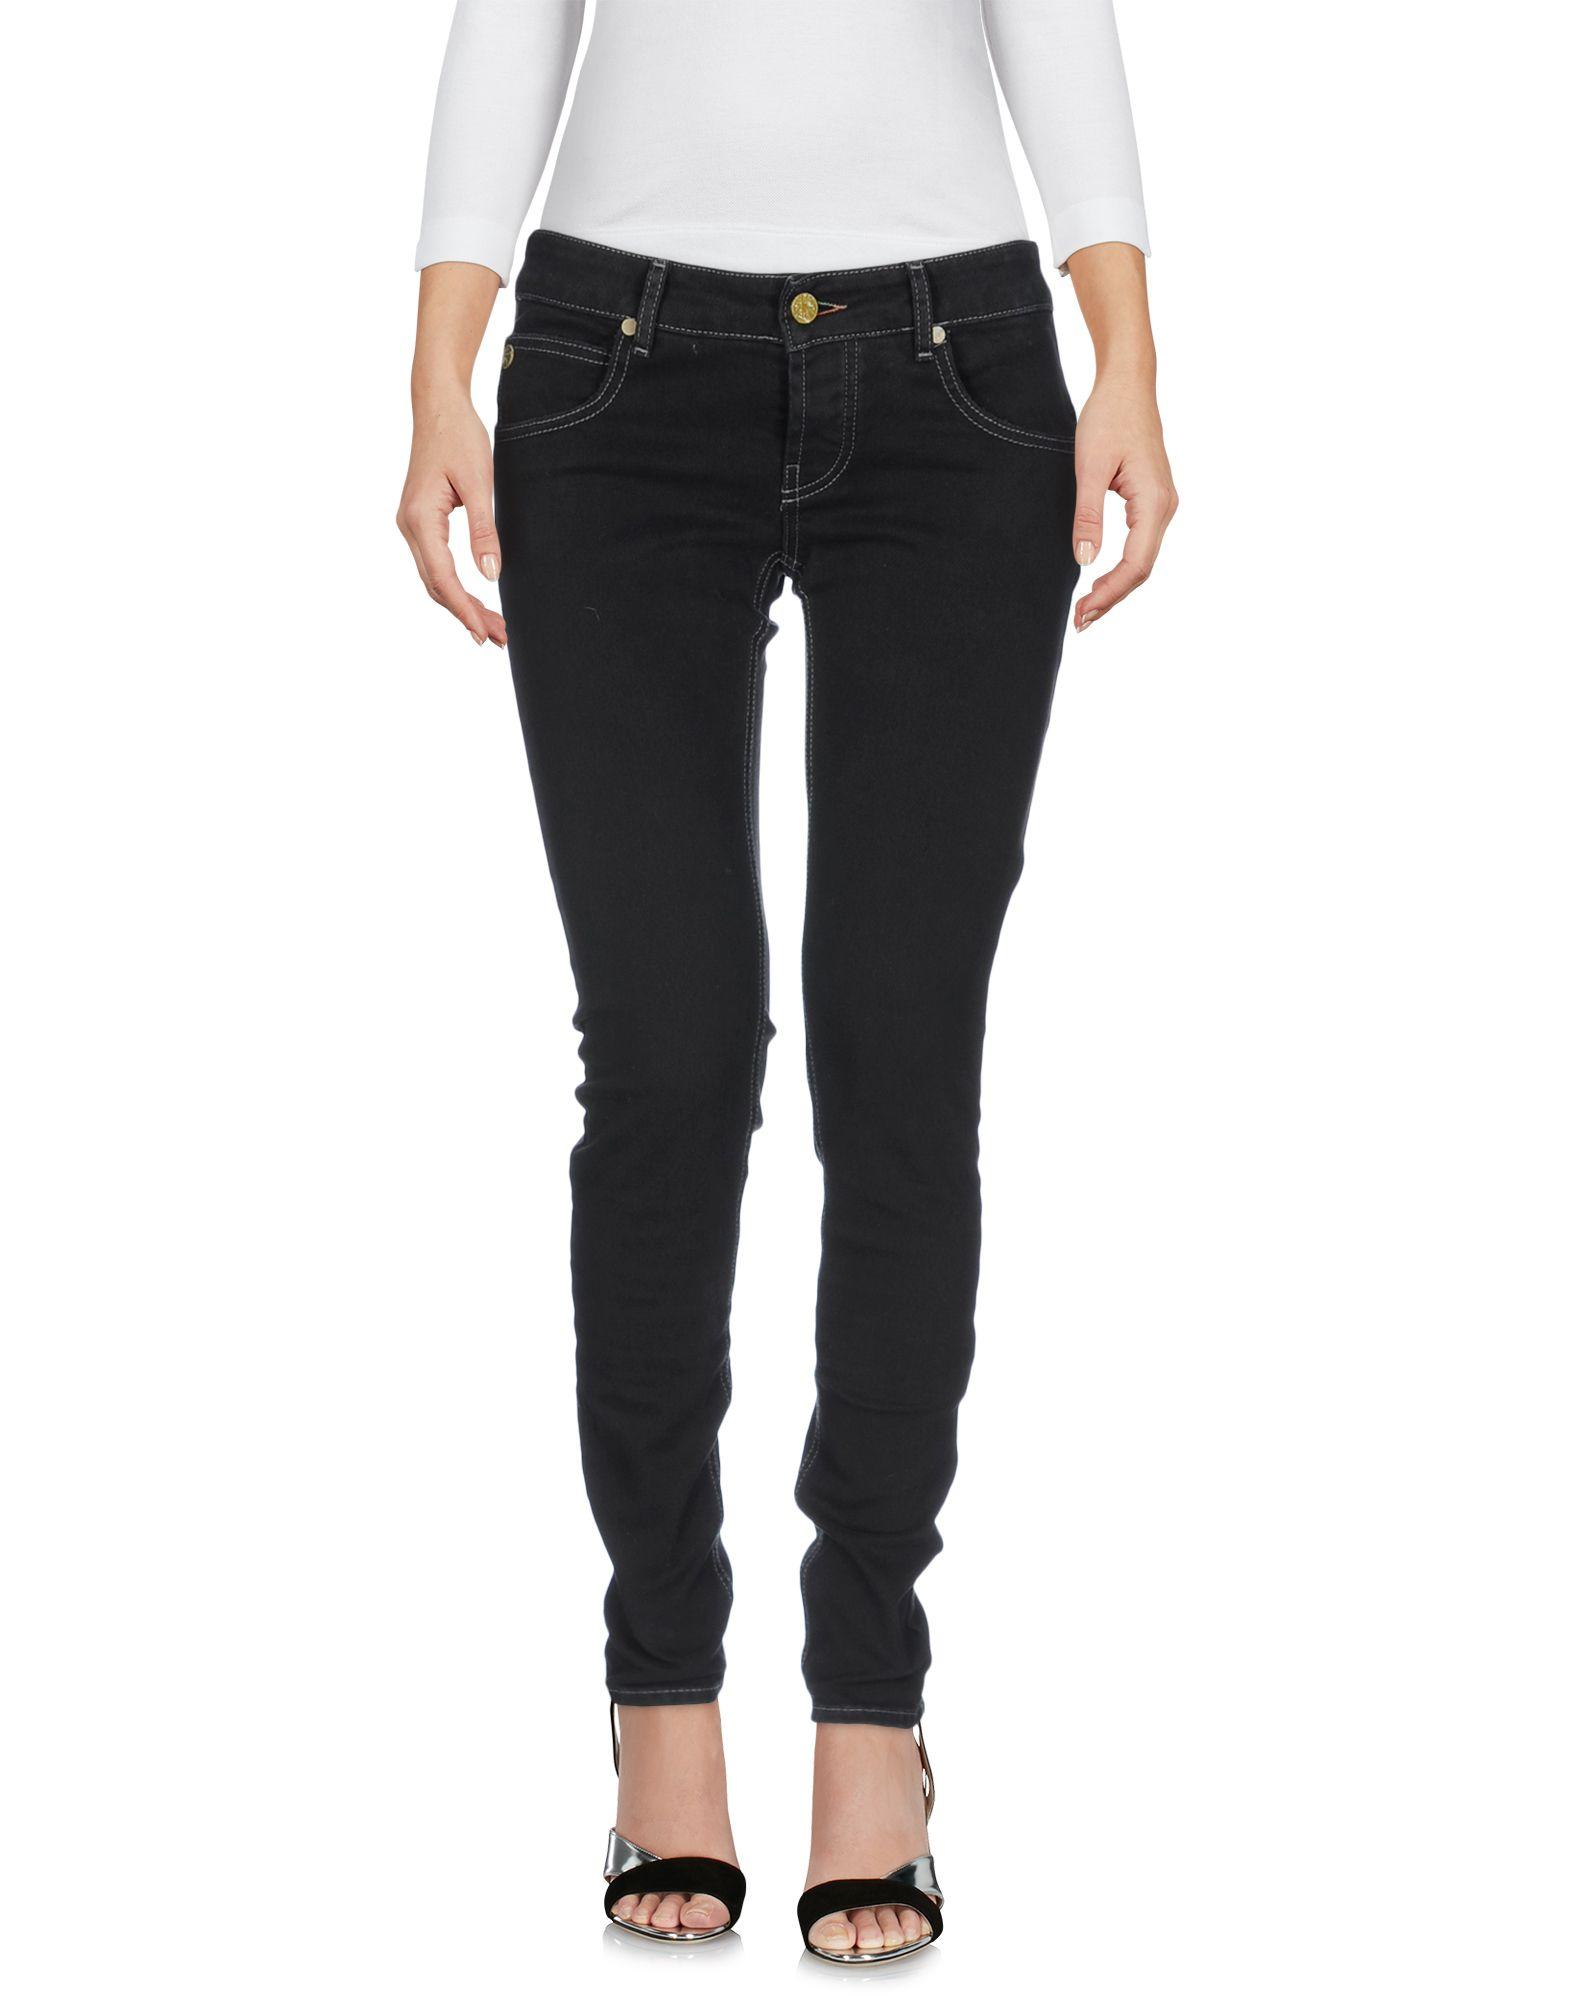 ФОТО maison clochard джинсовые брюки